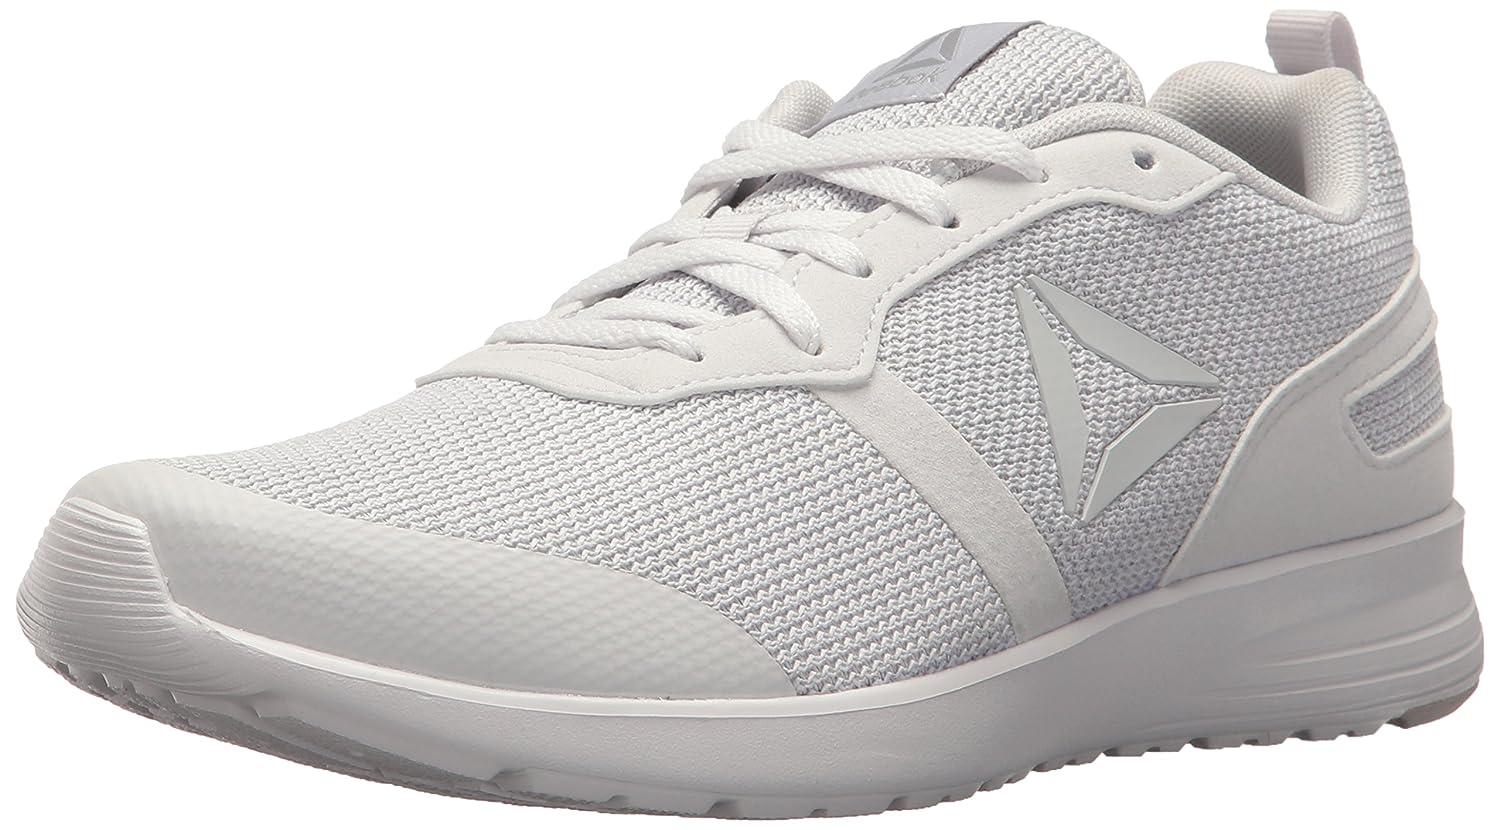 Reebok Women's Foster Flyer Track Shoe B073X9GHDT 11.5 B(M) US|Porcelain/Steel